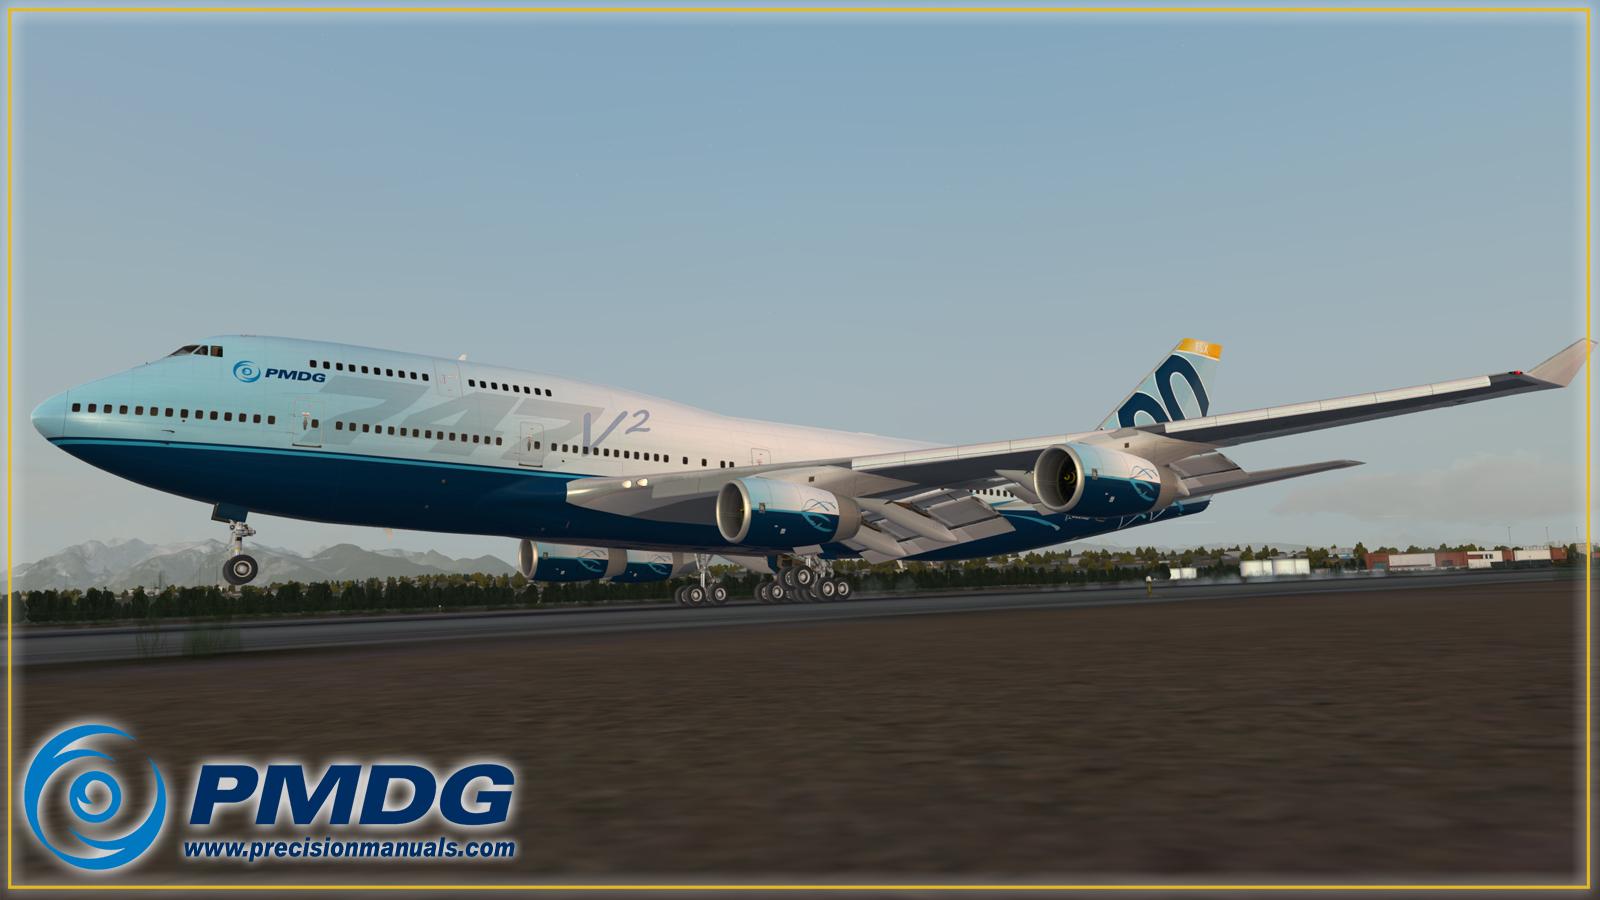 pmdg_744RR_landing_1.jpg